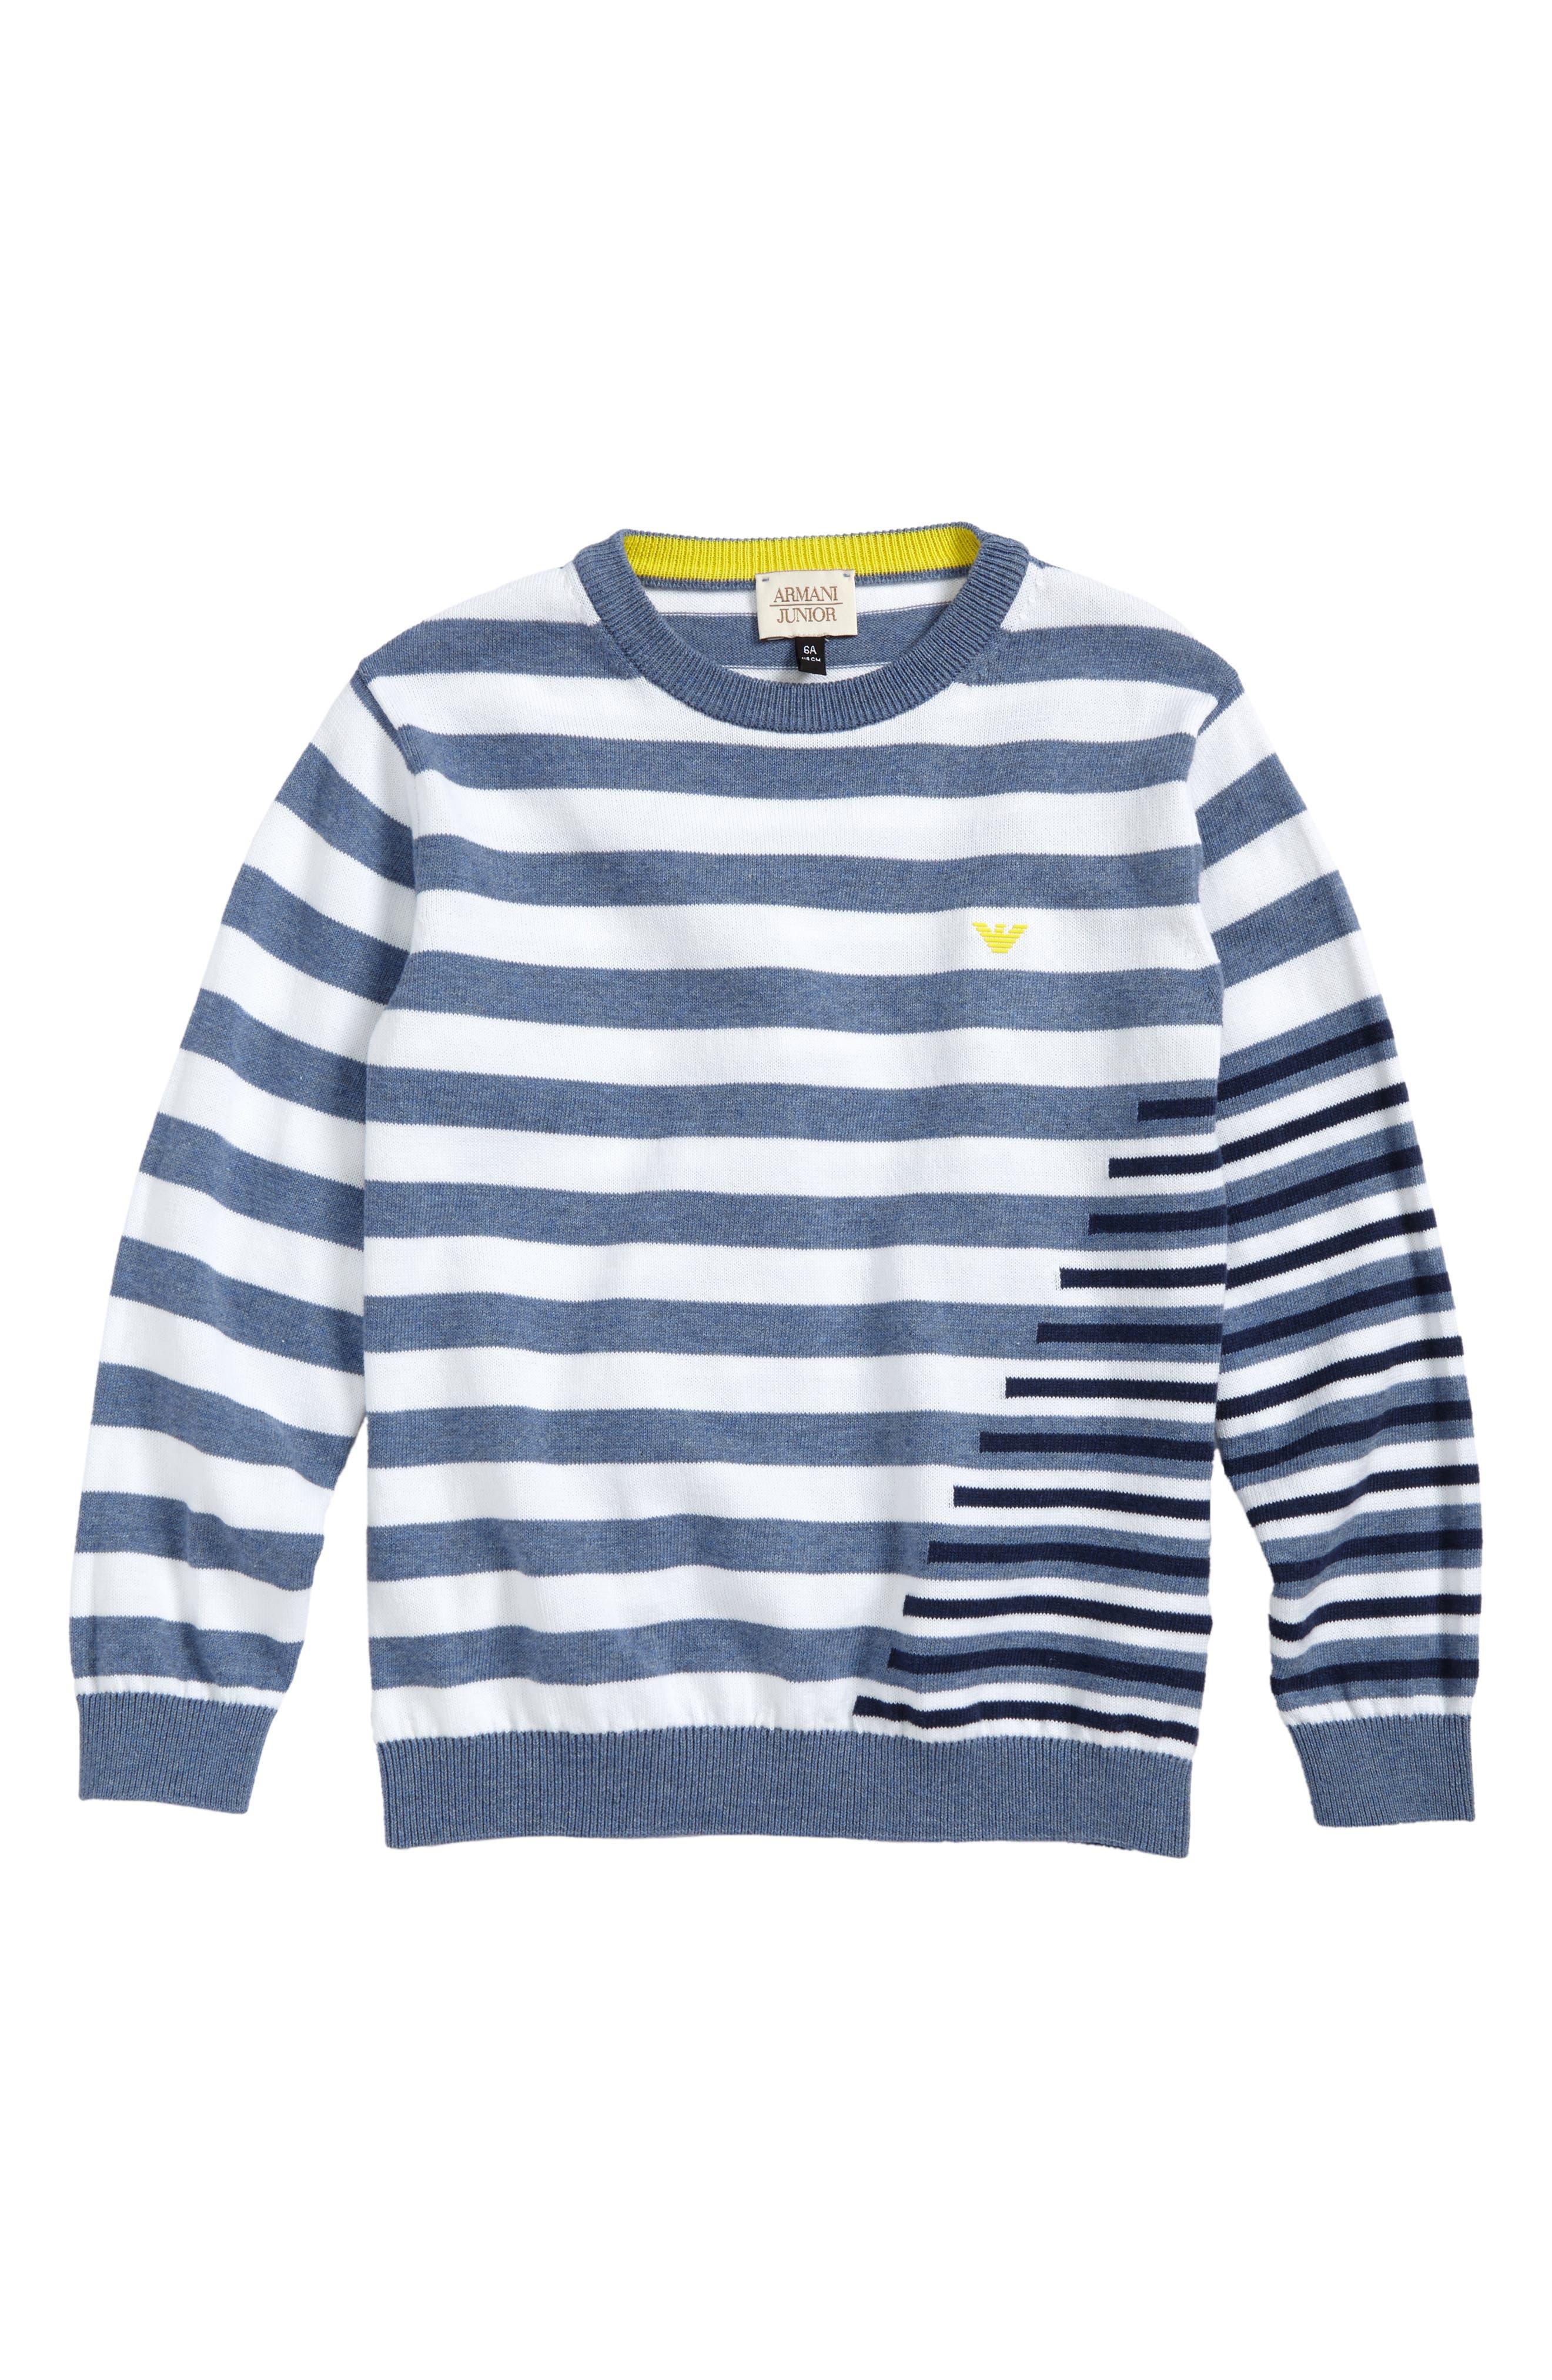 Stripe Cotton Sweater,                         Main,                         color, Blue/ White